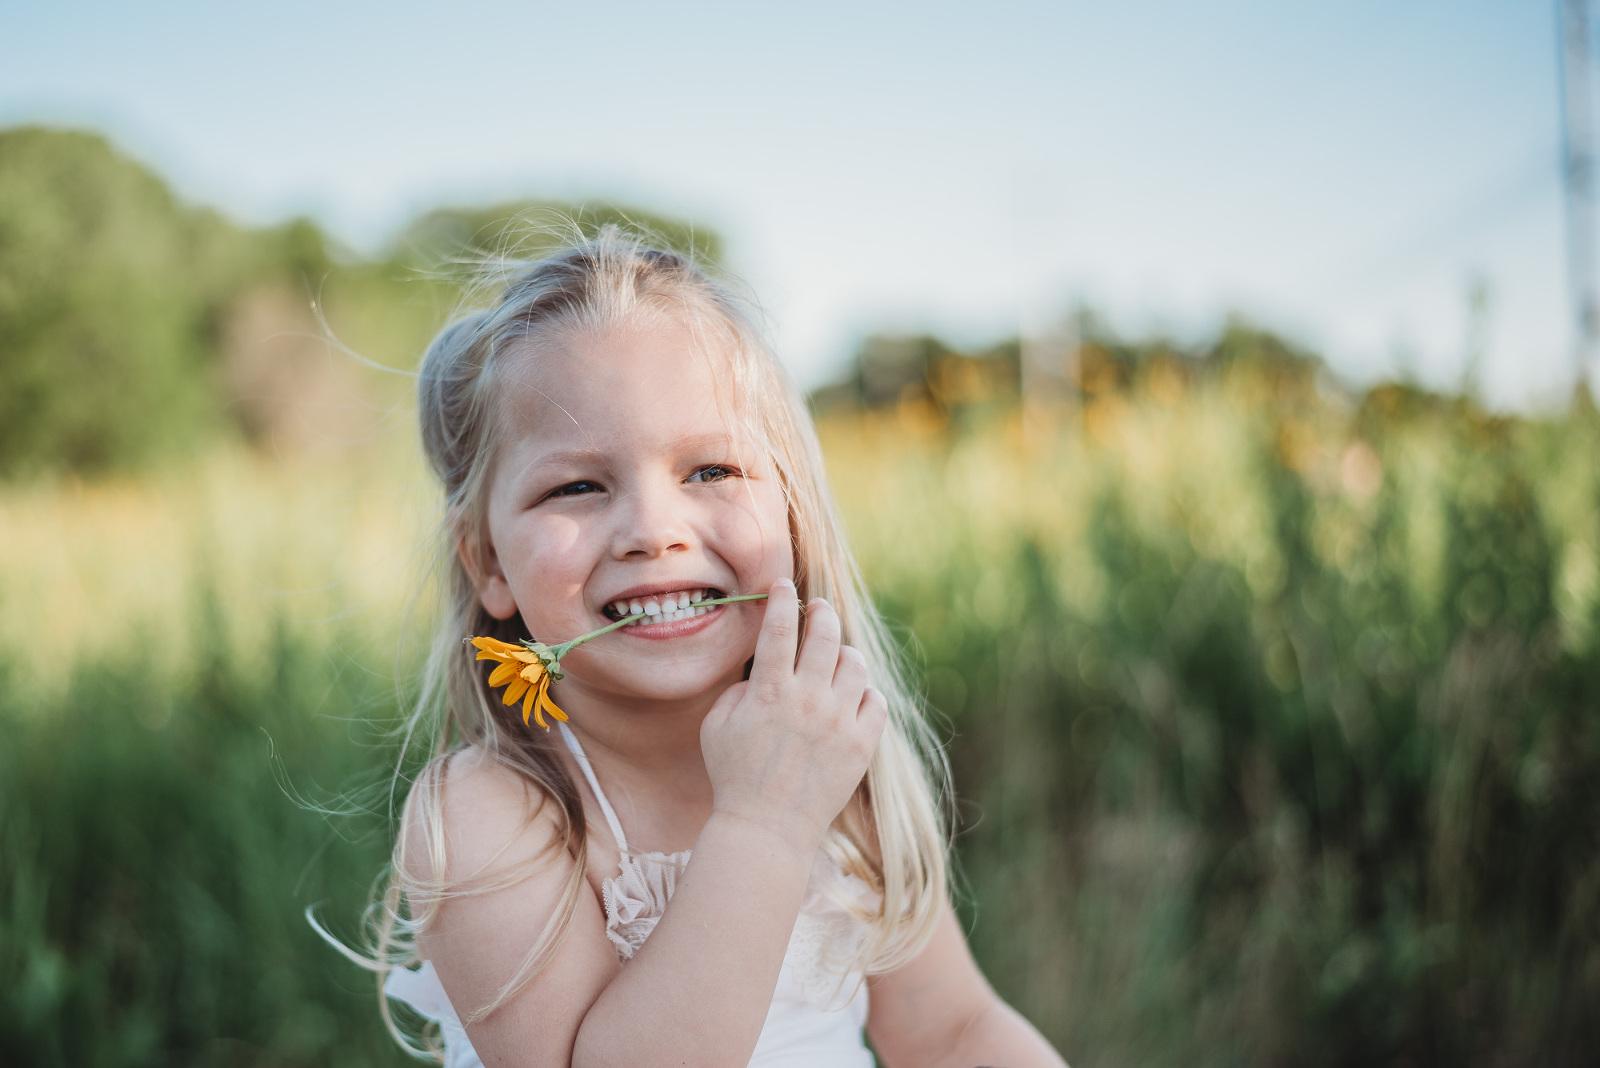 little girl summer flower in mouth